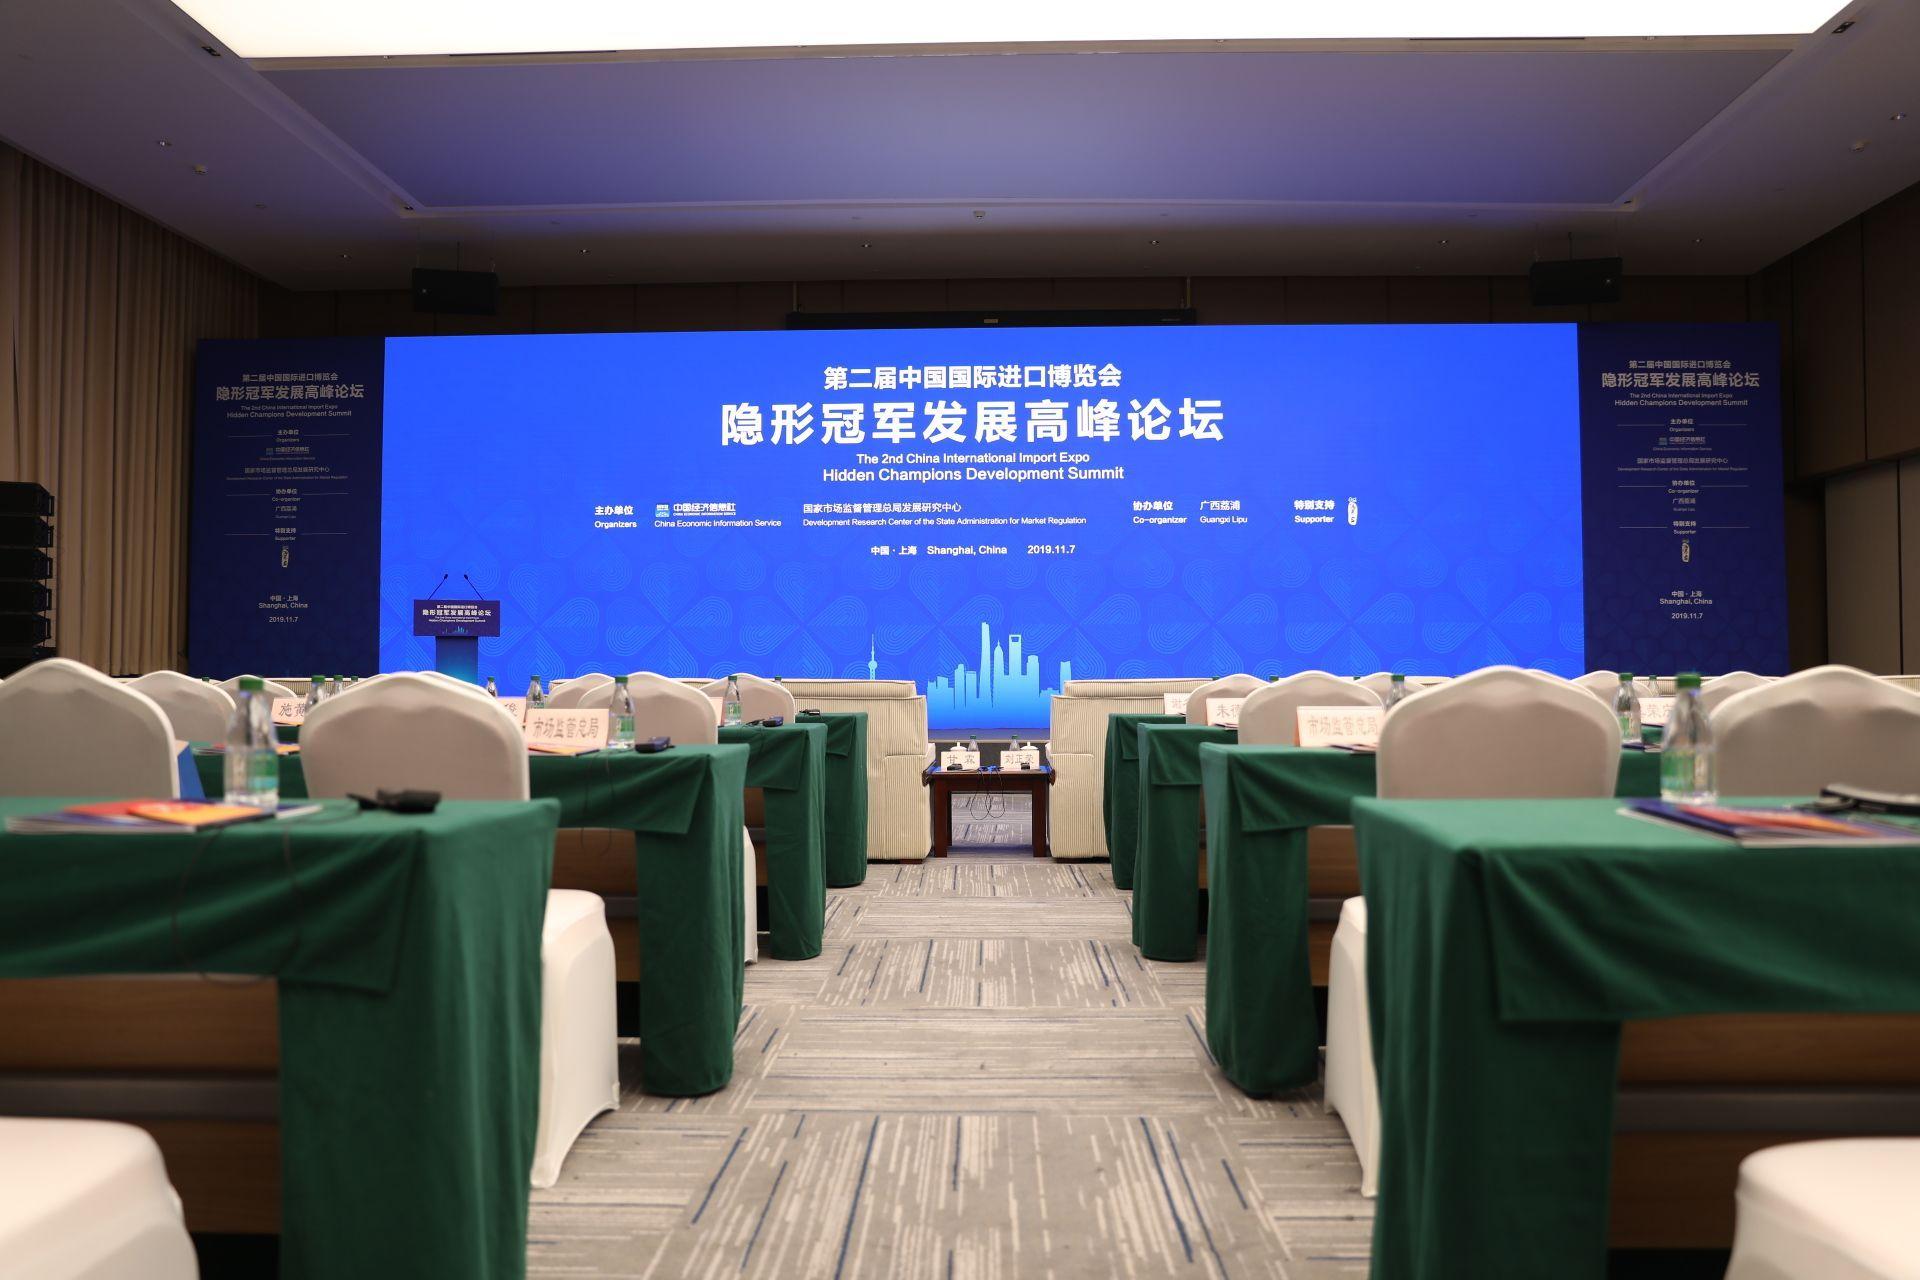 高清大图:第二届中国国际进口博览会隐形冠军发展高峰论坛现场